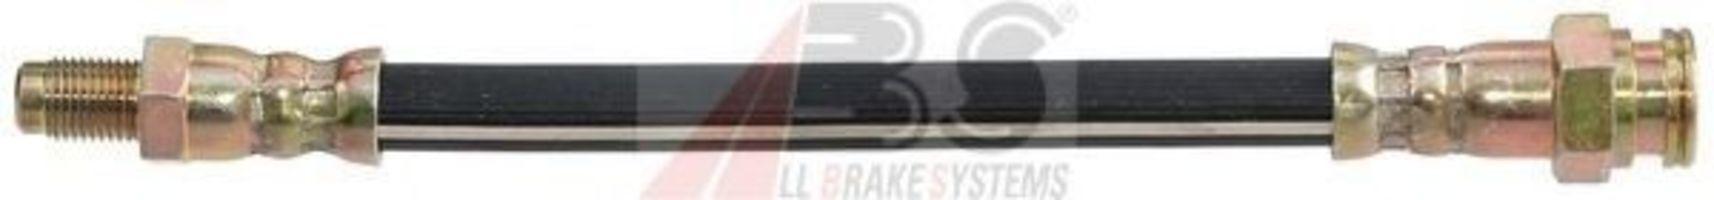 Шланг тормозной A.B.S. SL 3911